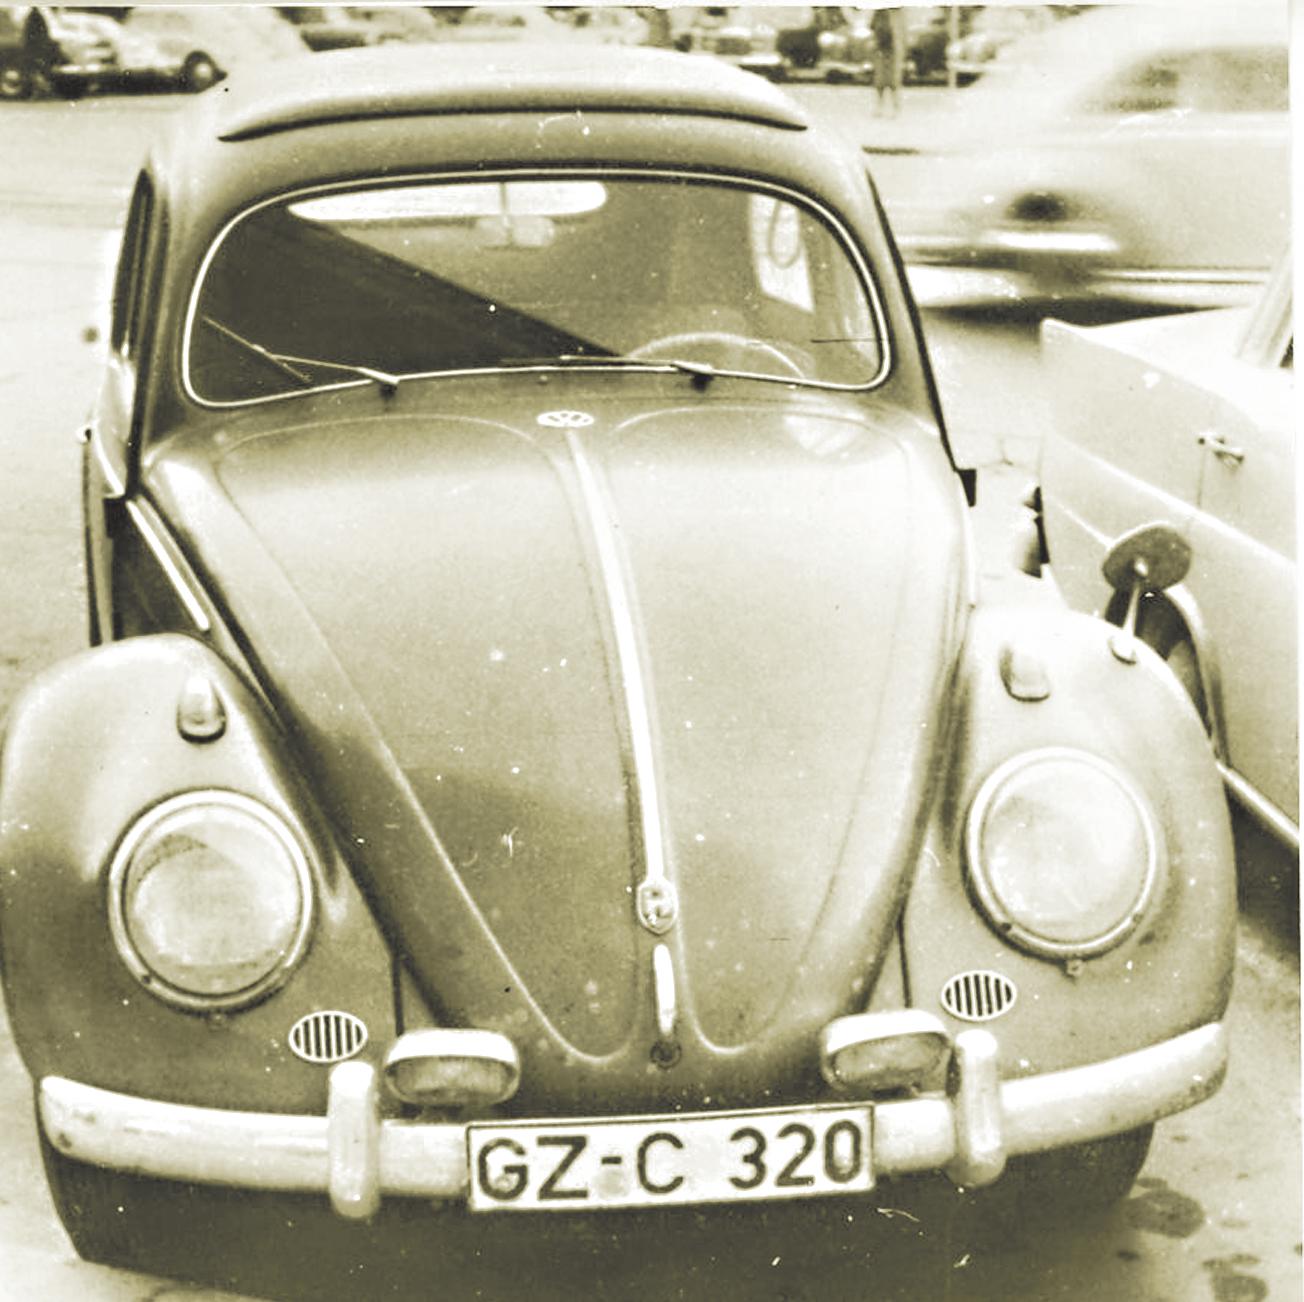 רכב החיפושית של מרתה